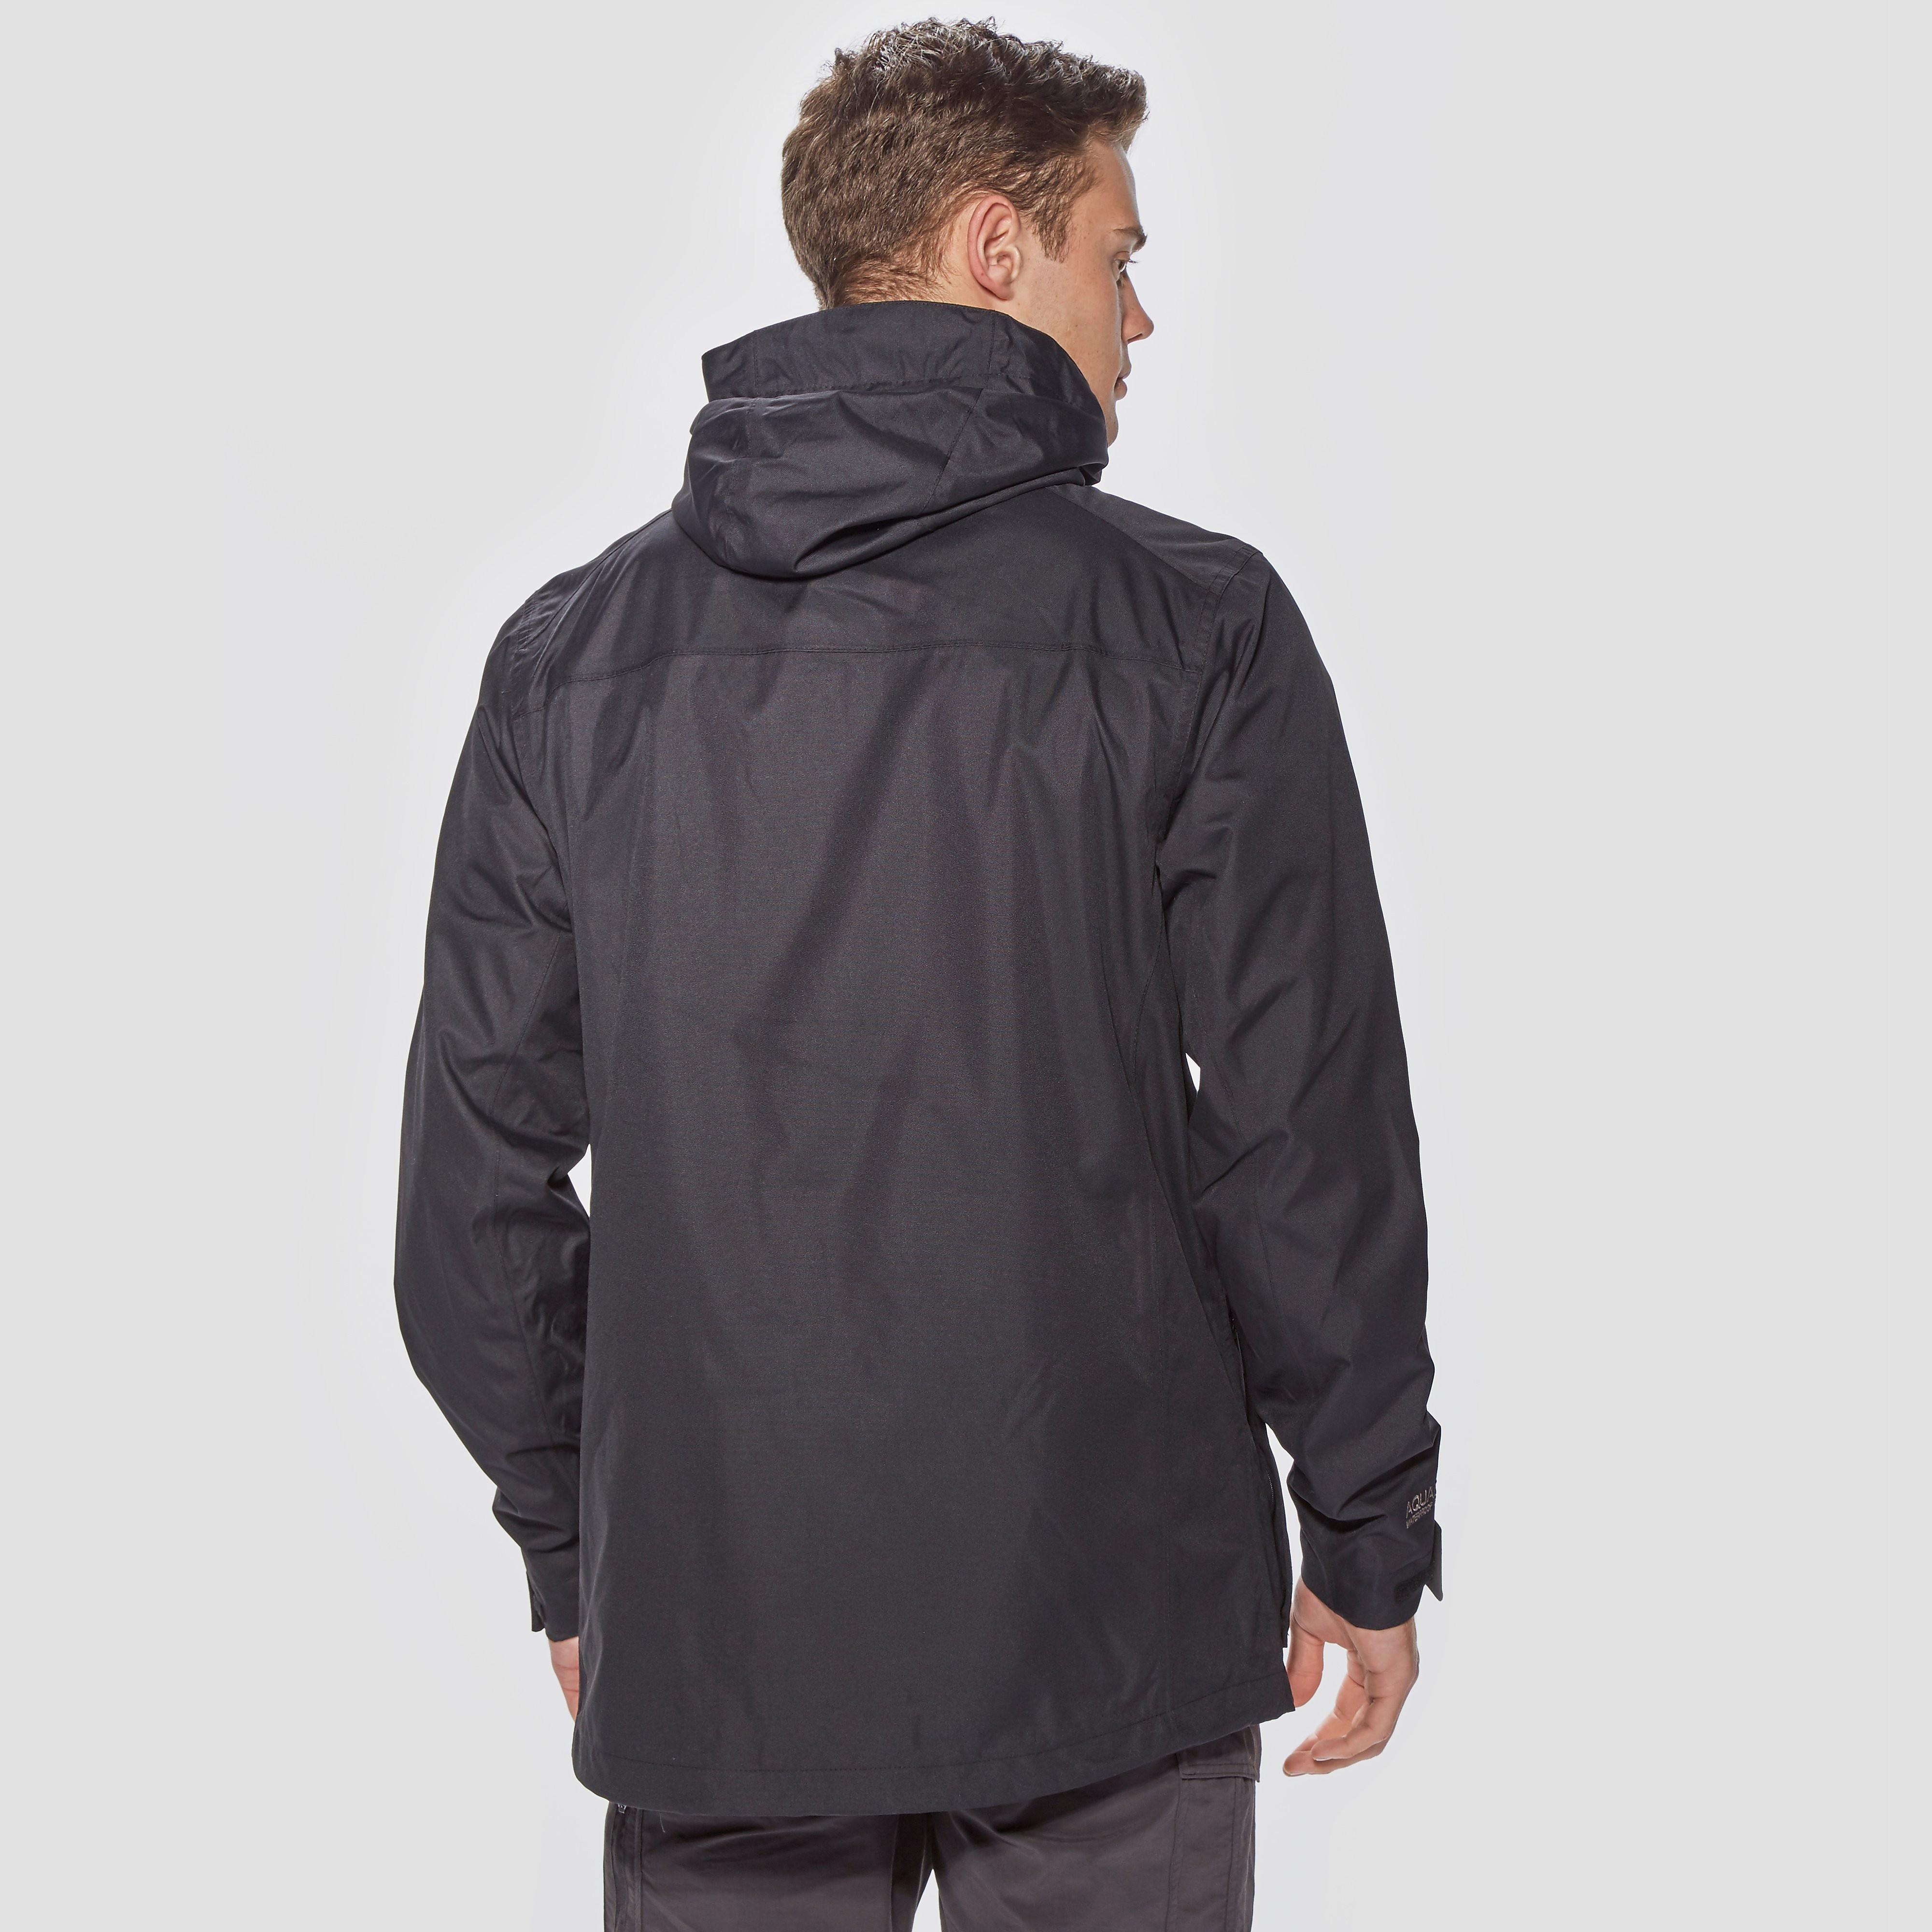 Craghoppers Kiwi Men's Jacket